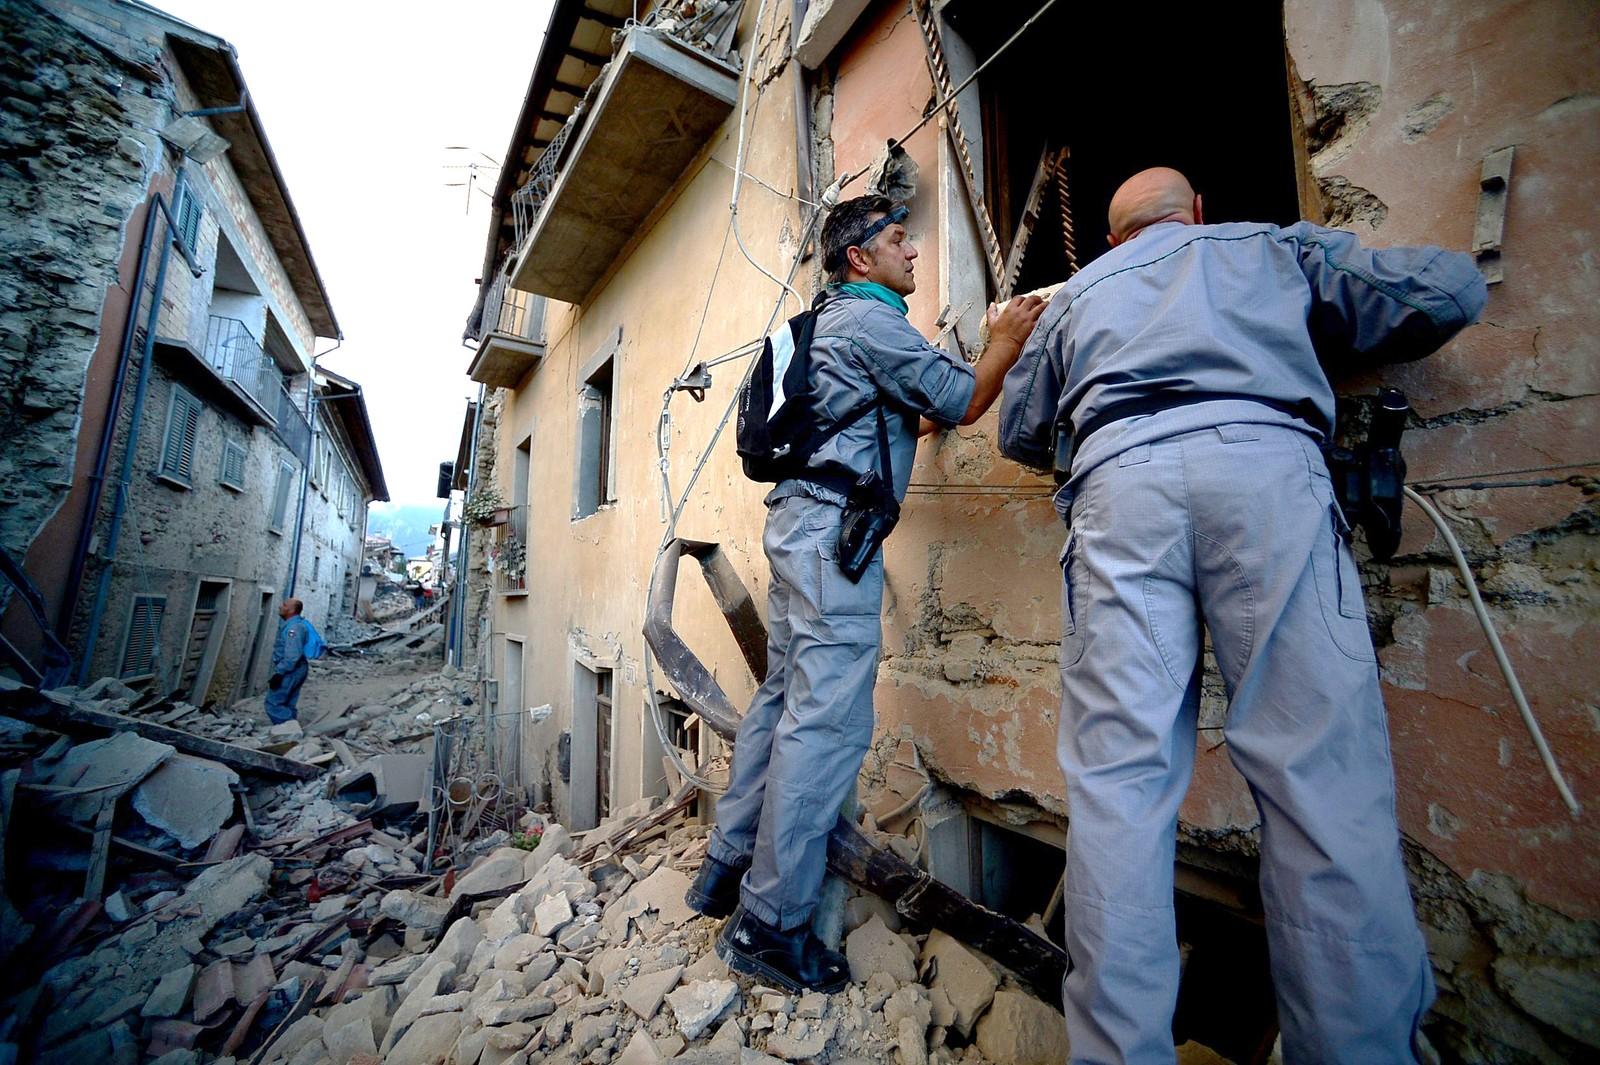 Redningsarbeidere søker i ruinene etter overlevende.